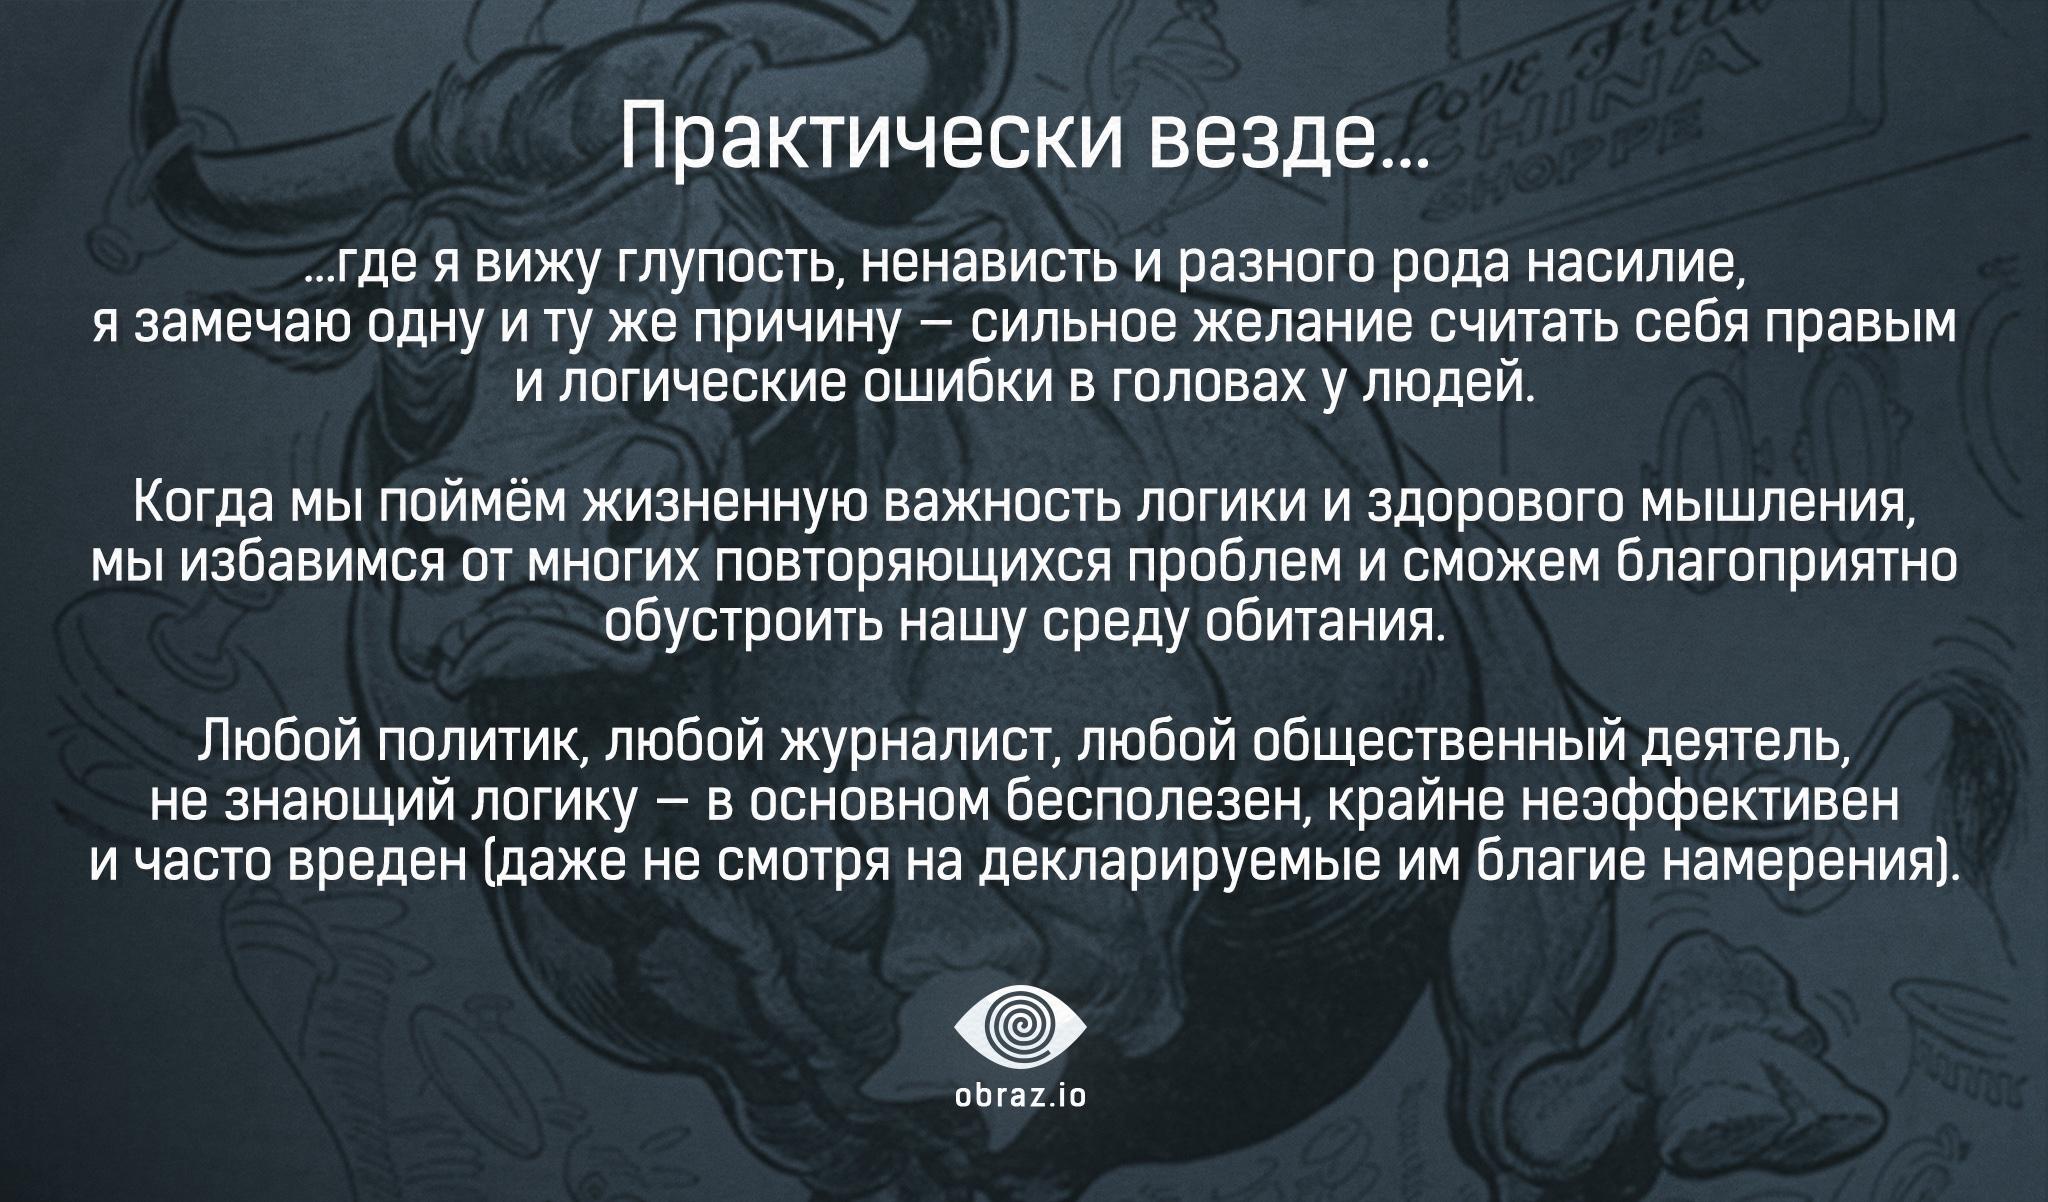 Email:learningkurakov@gmail com3292 19bt3at.42der8uxr